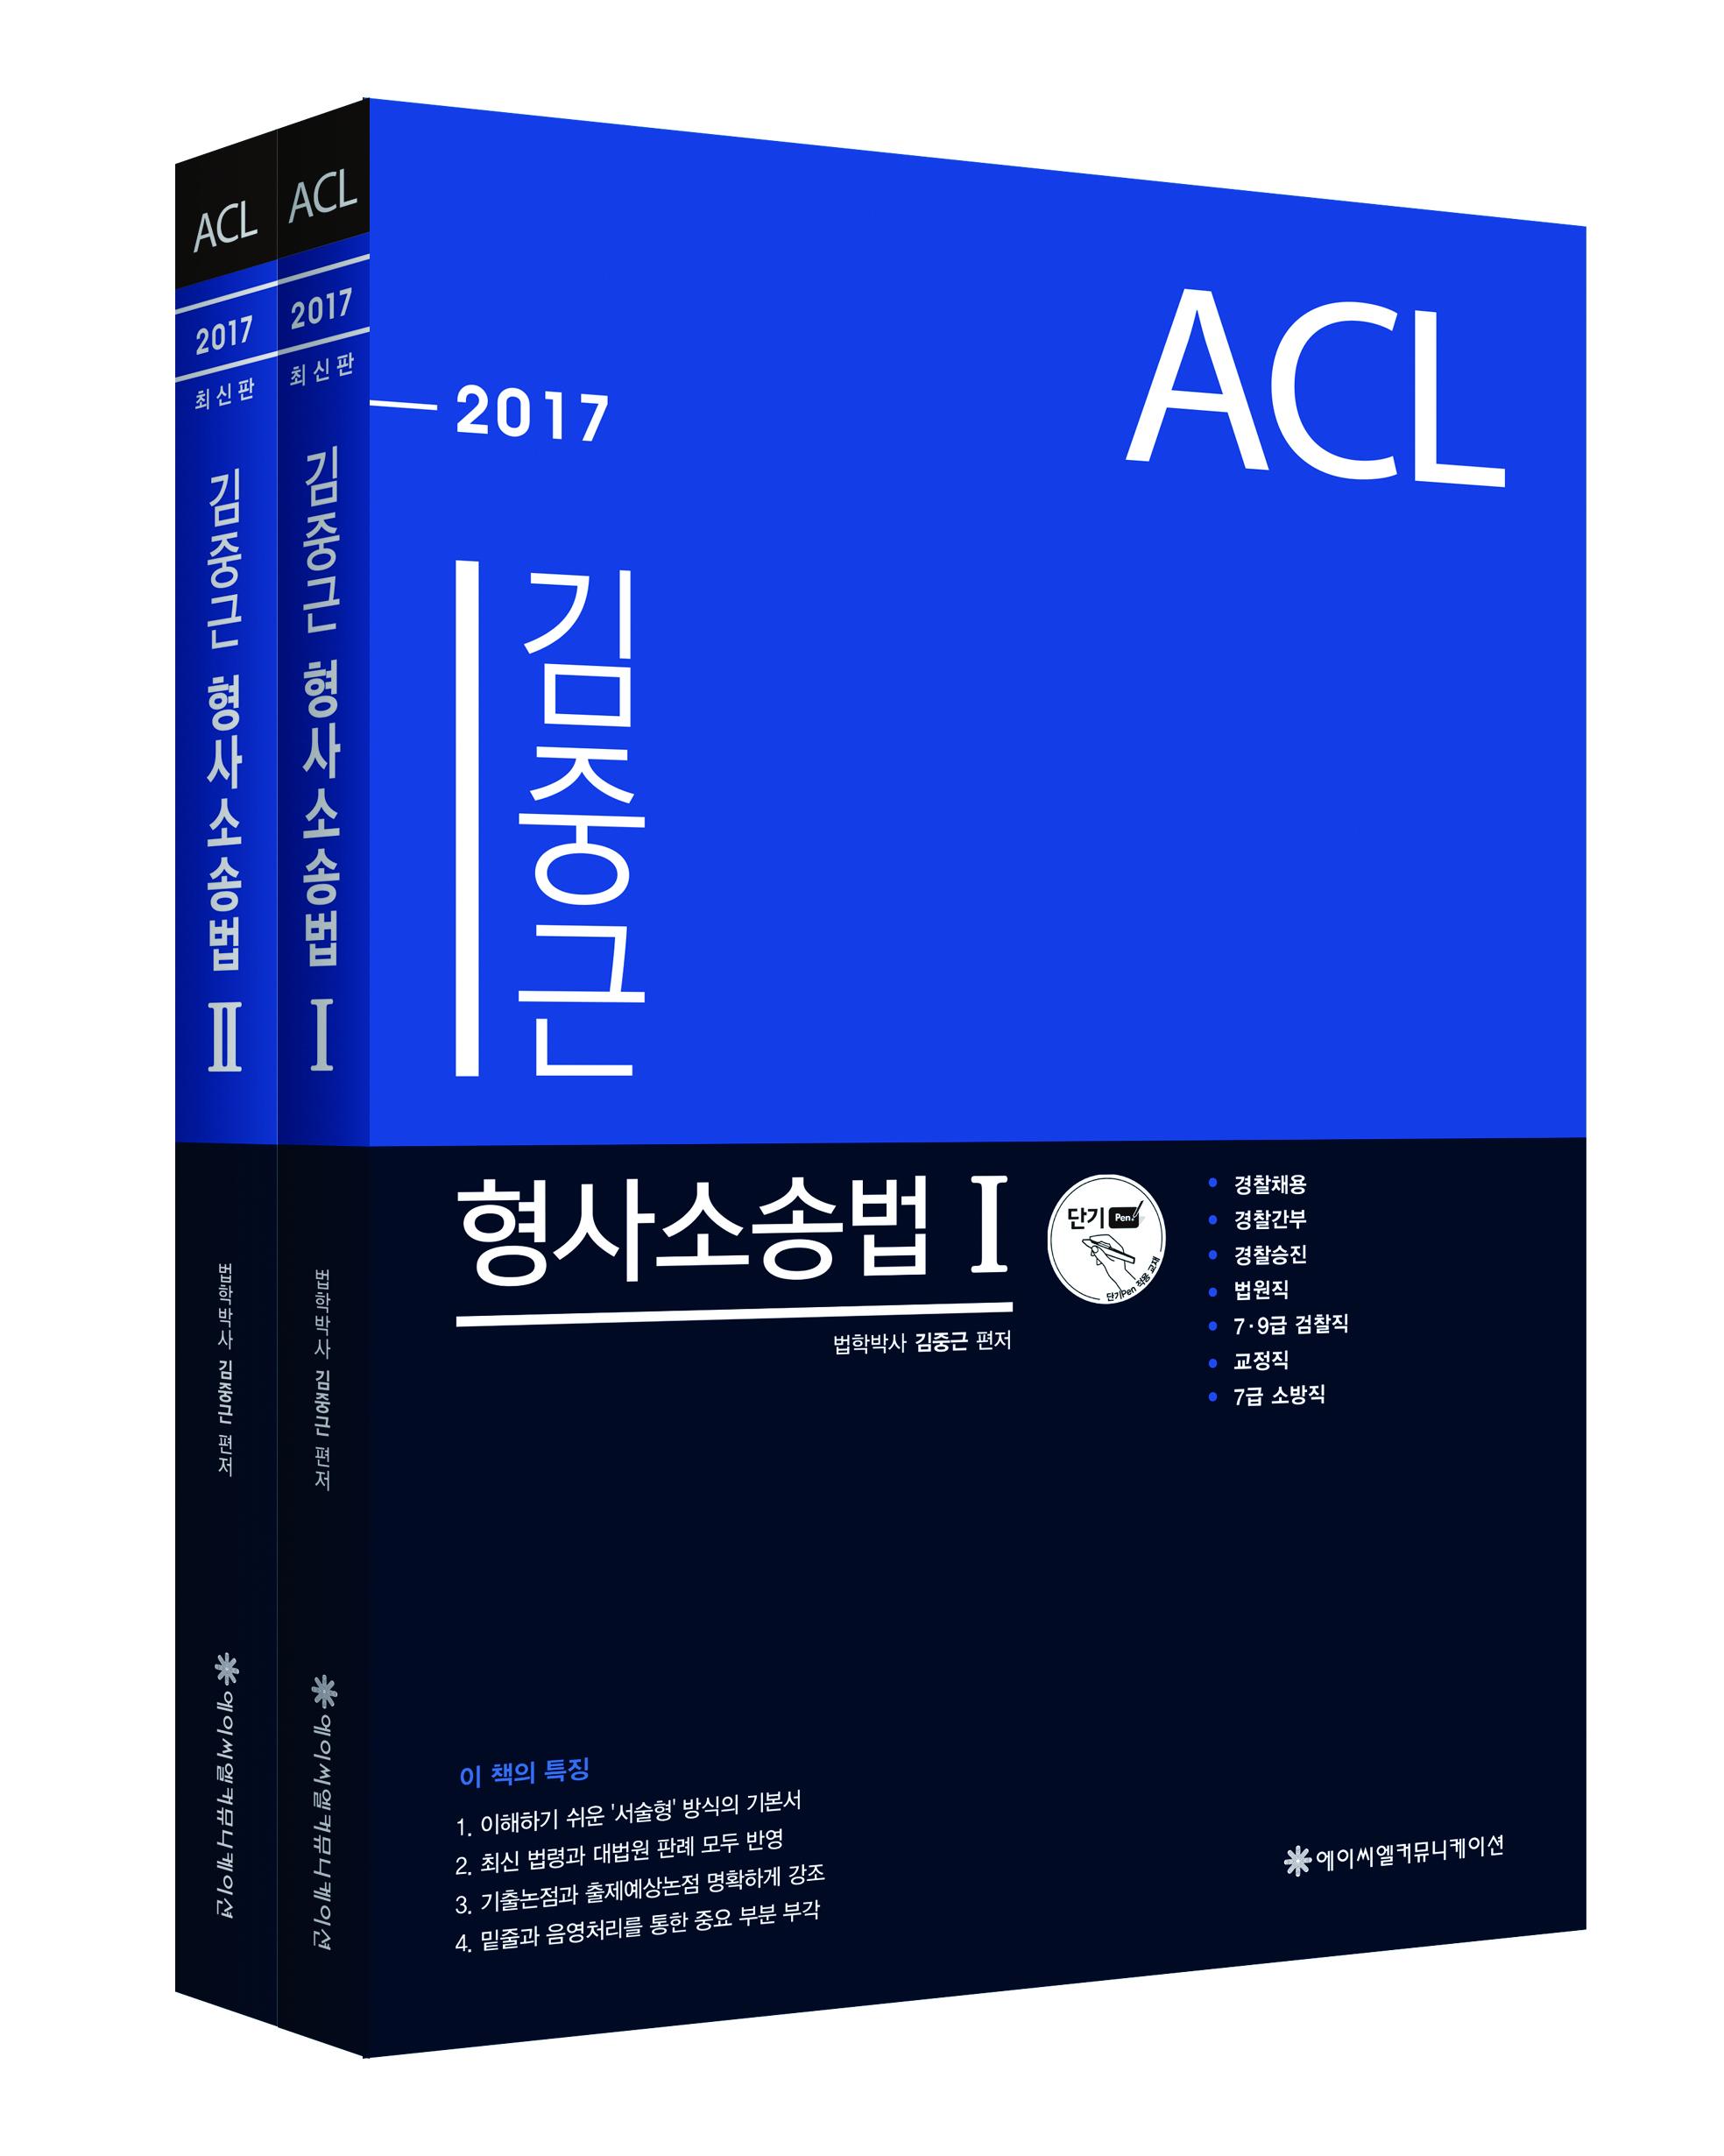 [단기펜교재] 2017 ACL 김중근 형사소송법 기본서